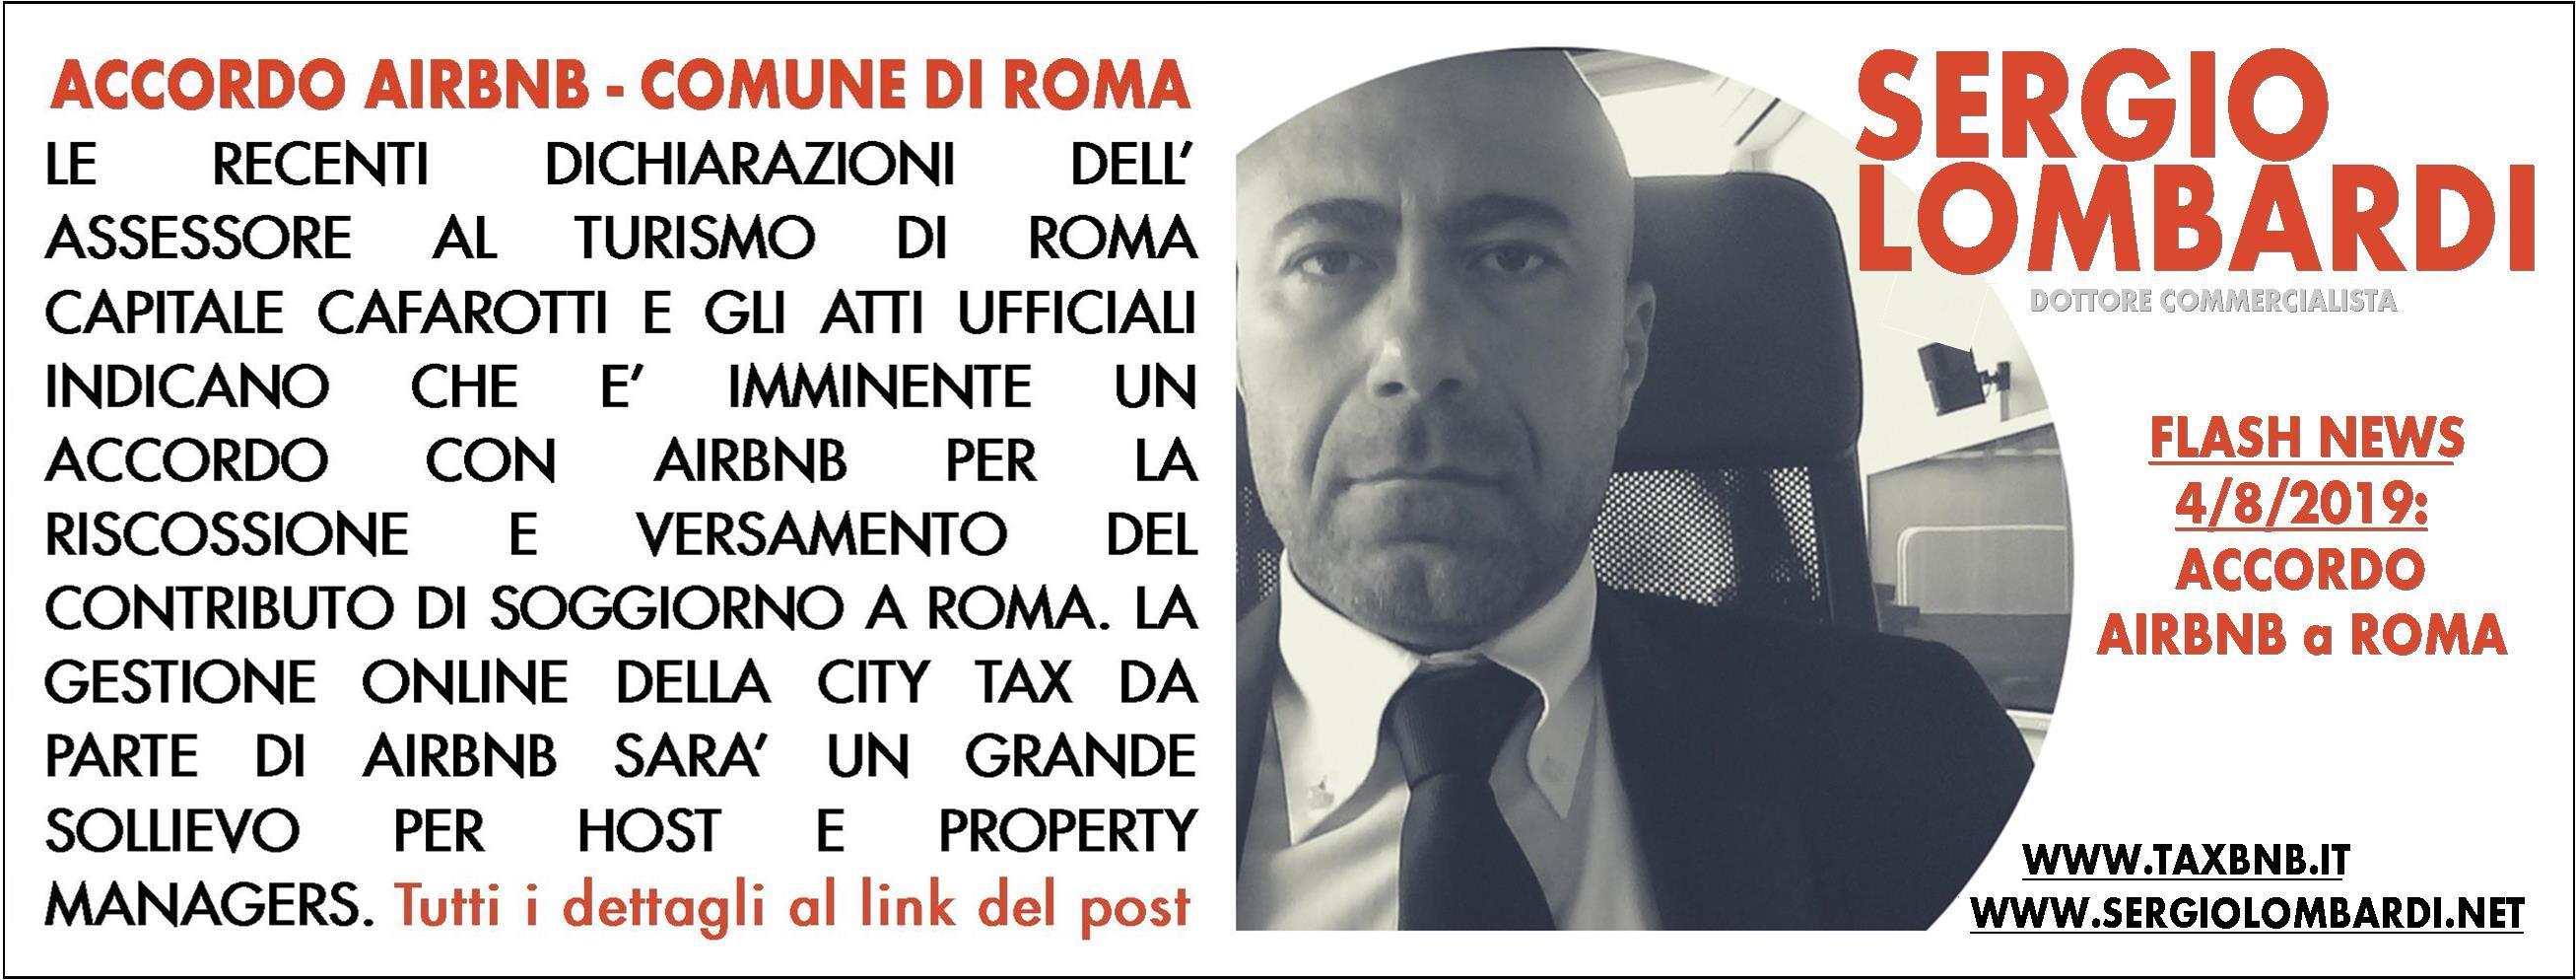 Accordo Airbnb a Roma - Sergio Lombardi - Specializzato in ...